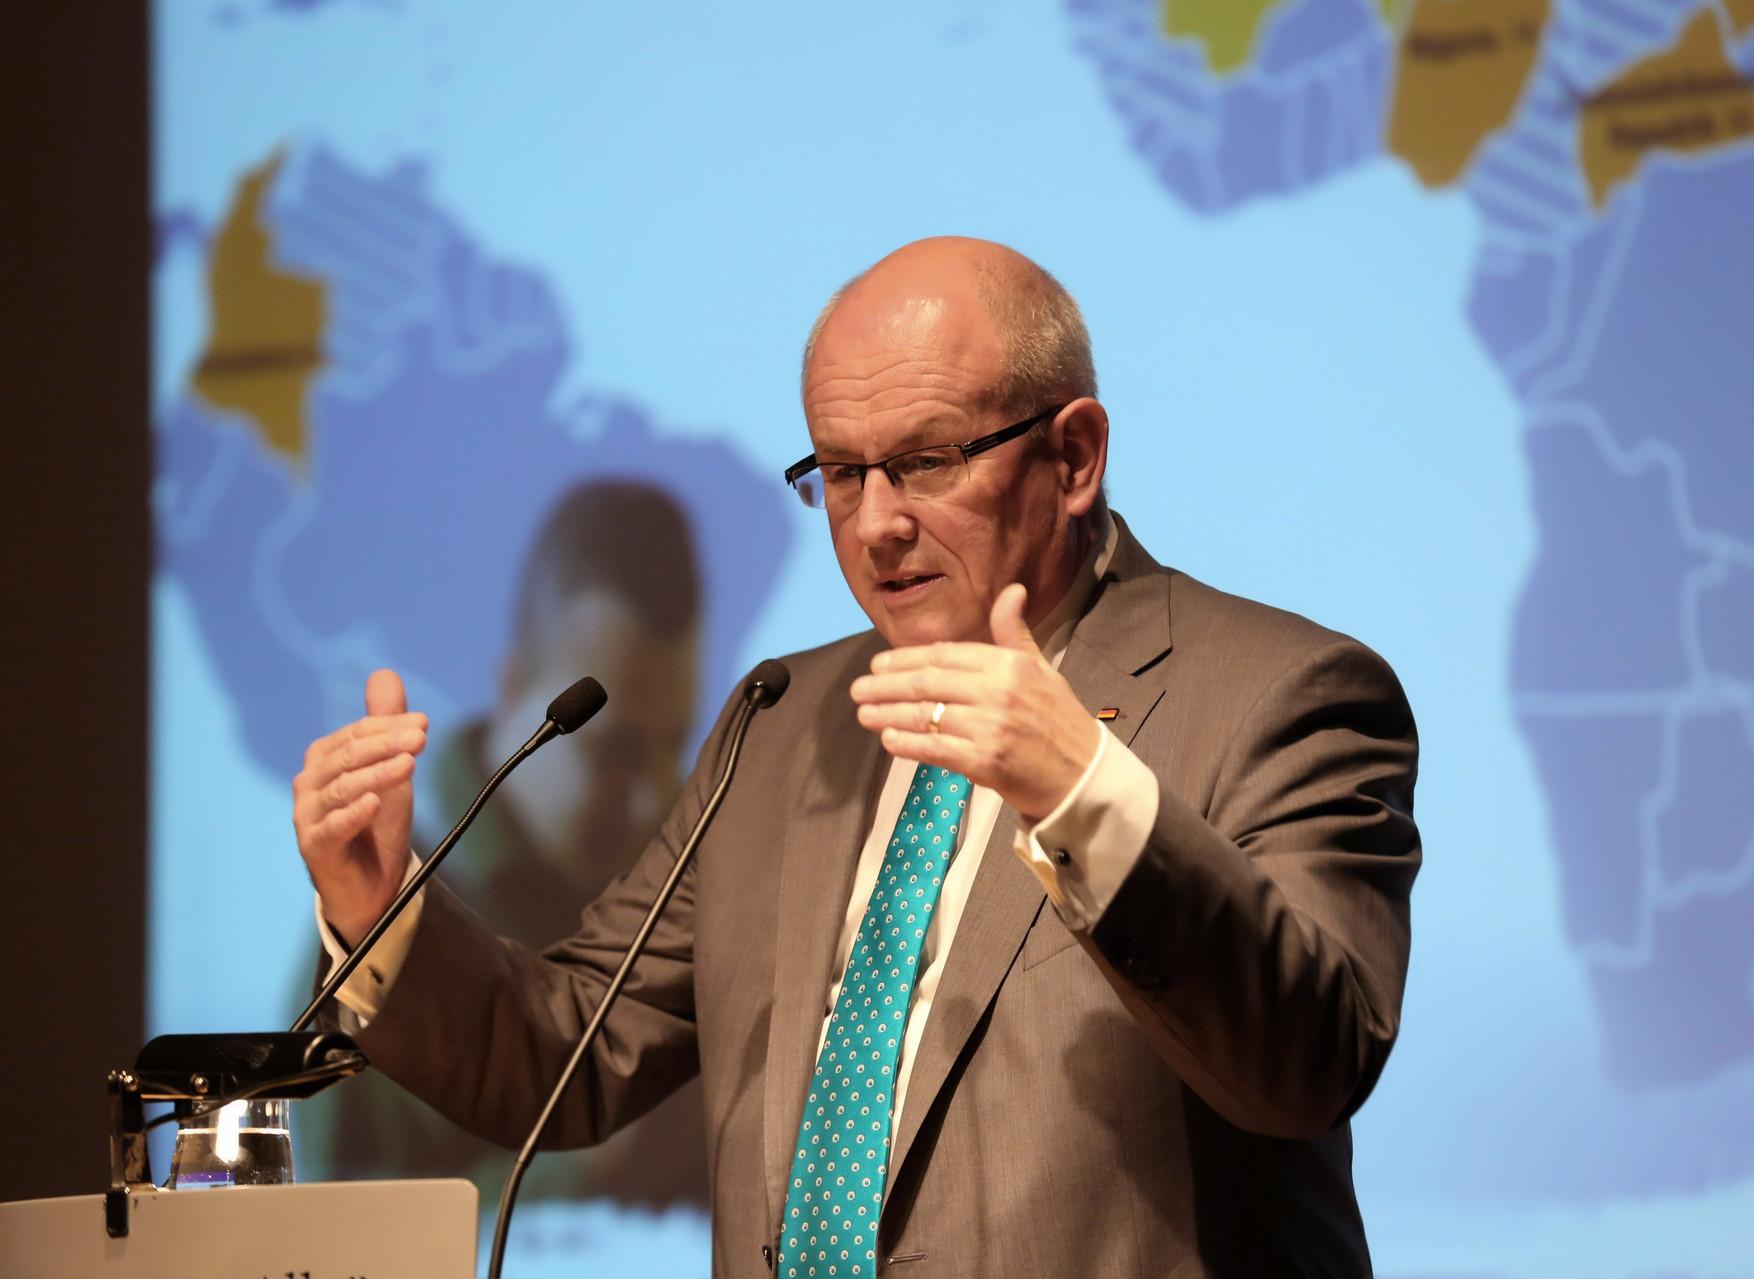 Volker Kauder bei seinem bemerkenswerten Vortrag